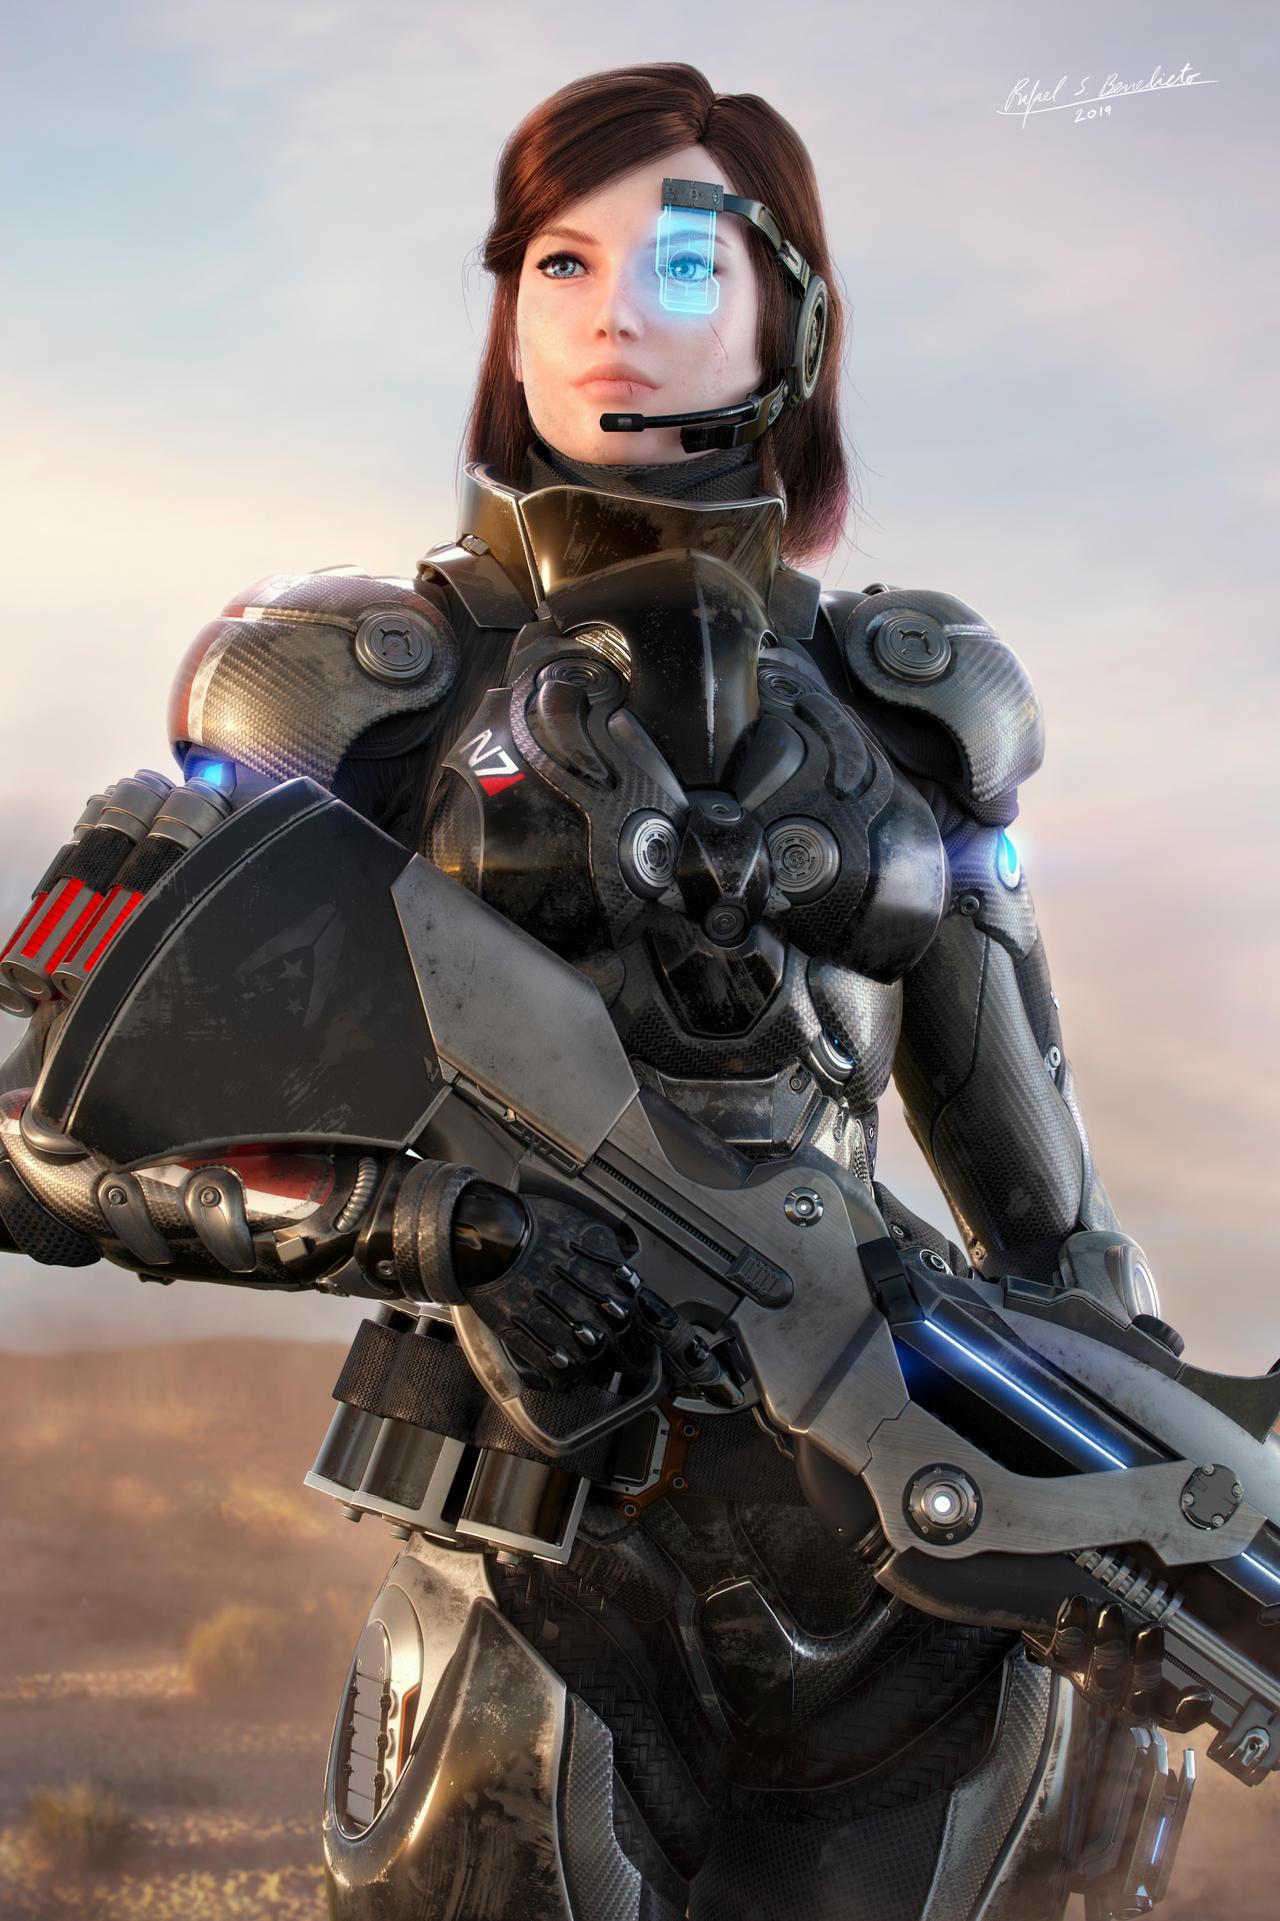 commander_shepard_by_sgthk_dd0m19w-fullv